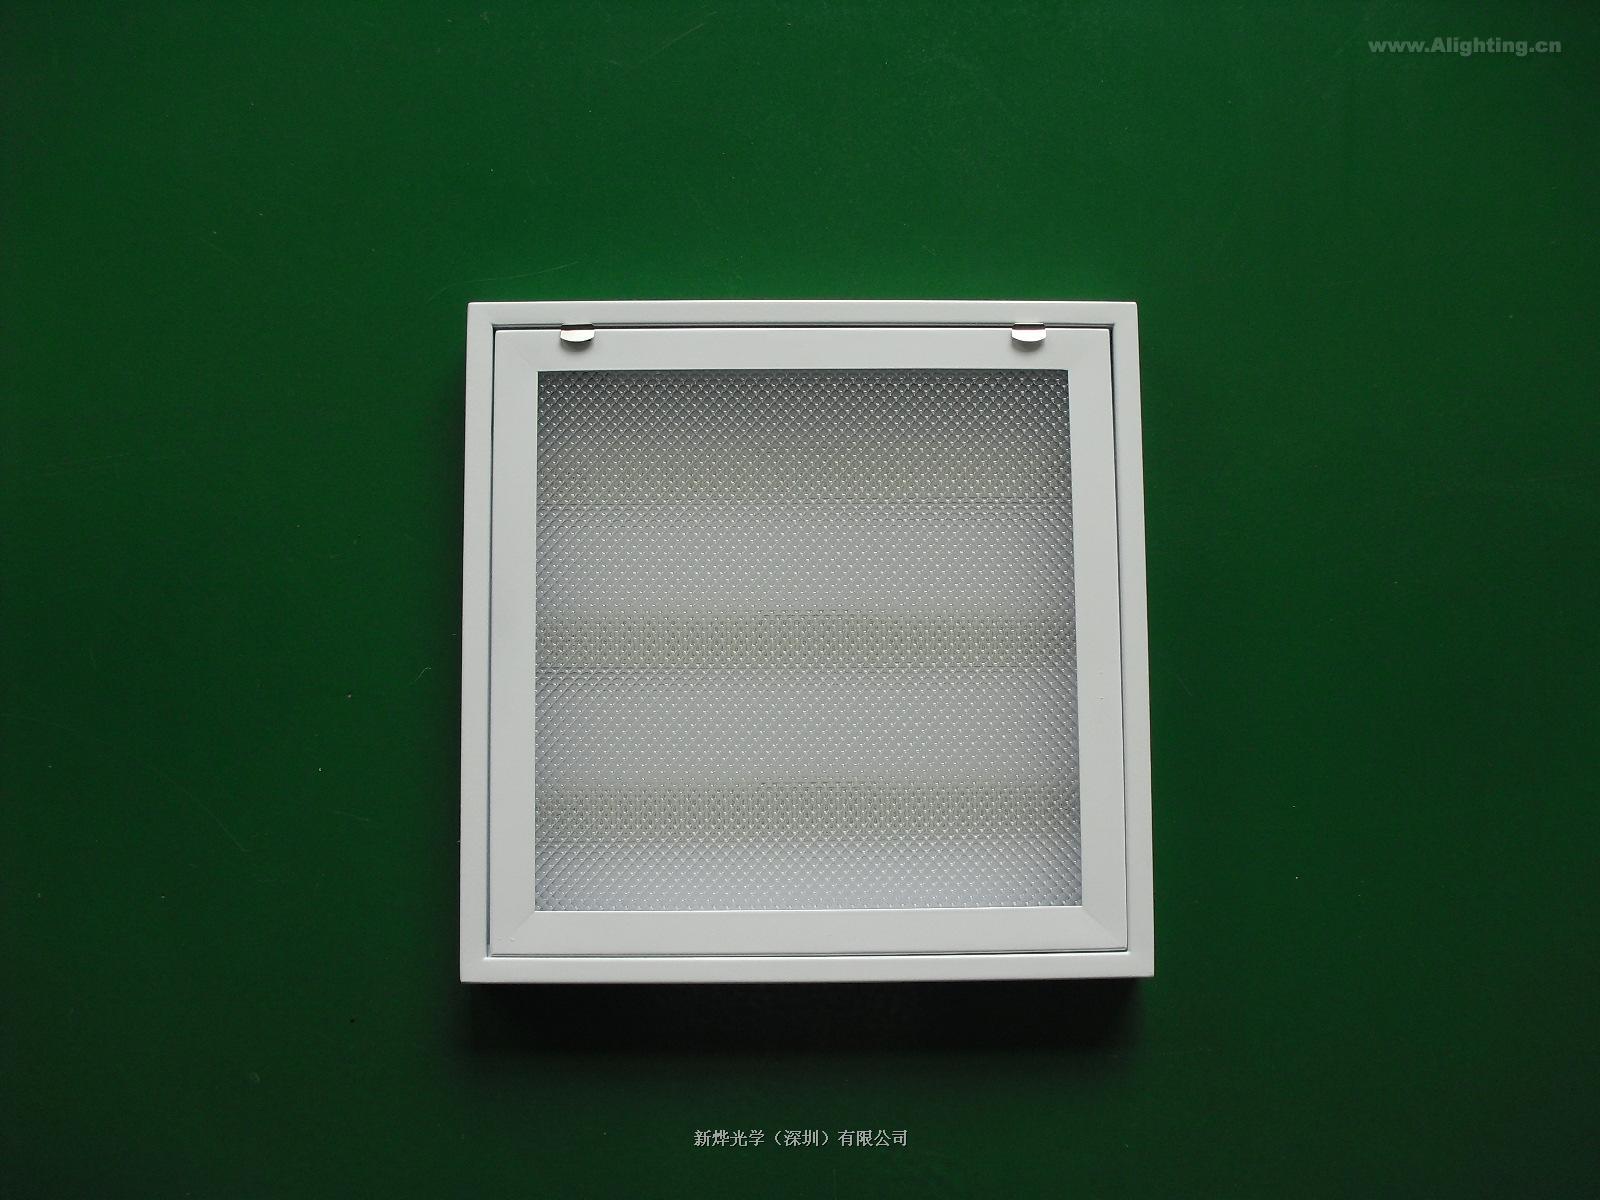 led格栅灯360x360 - 新烨光学(深圳)有限公司